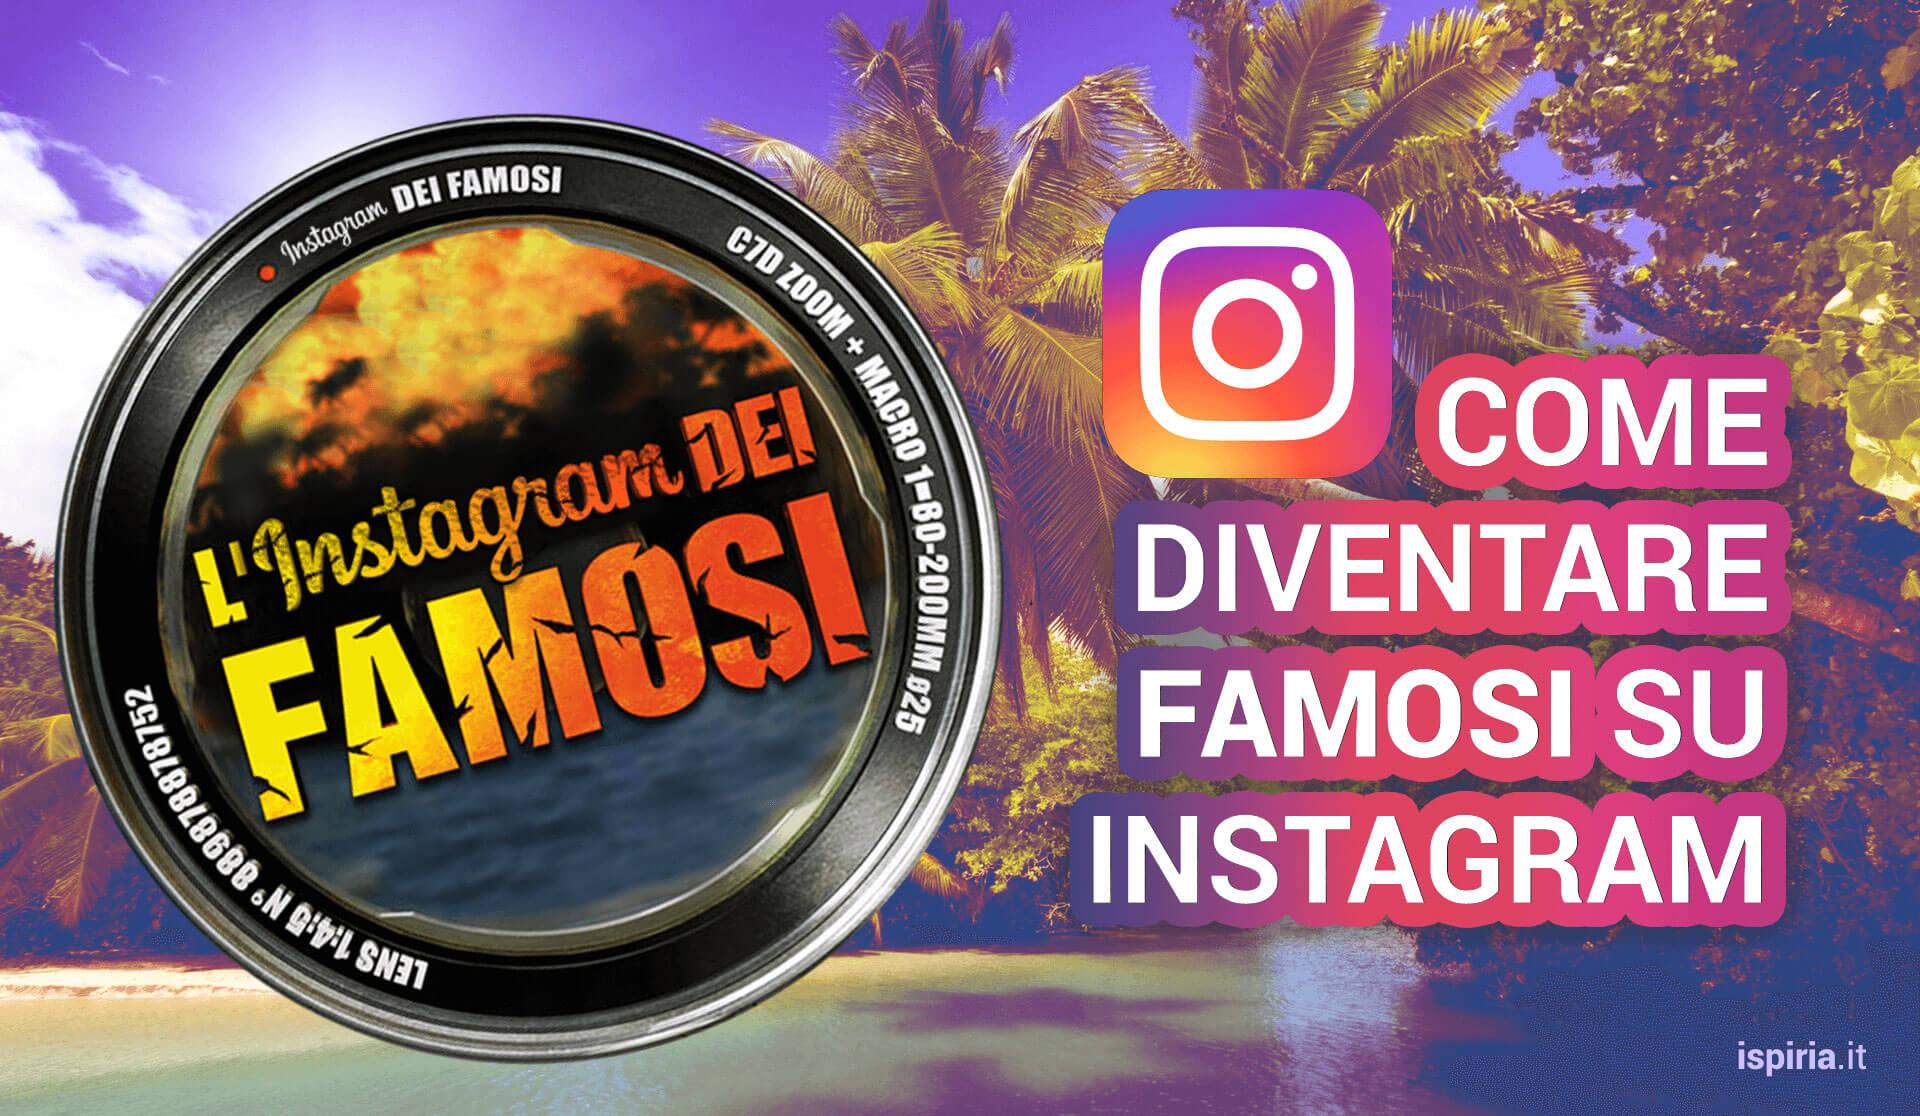 Come Diventare Famosi Su Instagram In Poco Tempo – Diventa Famoso Grazie A Instagram